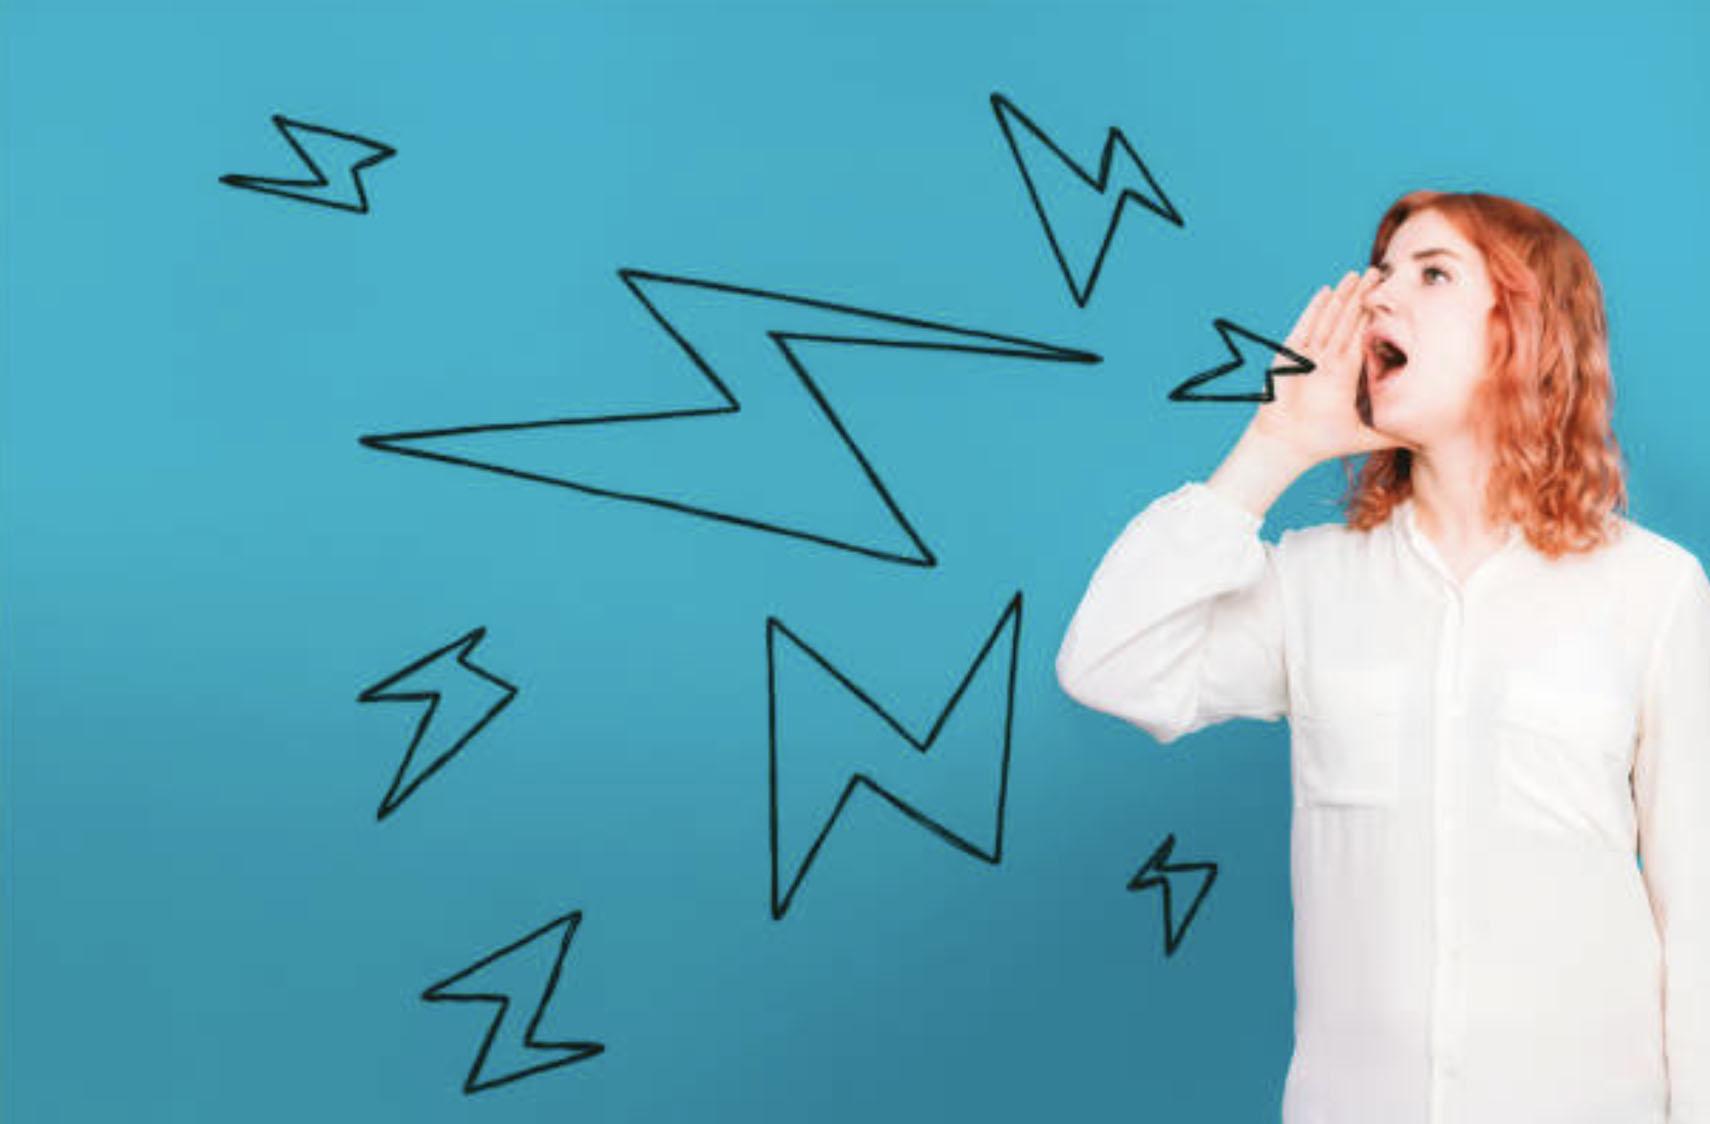 Развитие интонации голоса:  как сделать, чтобы вас дослушали до конца